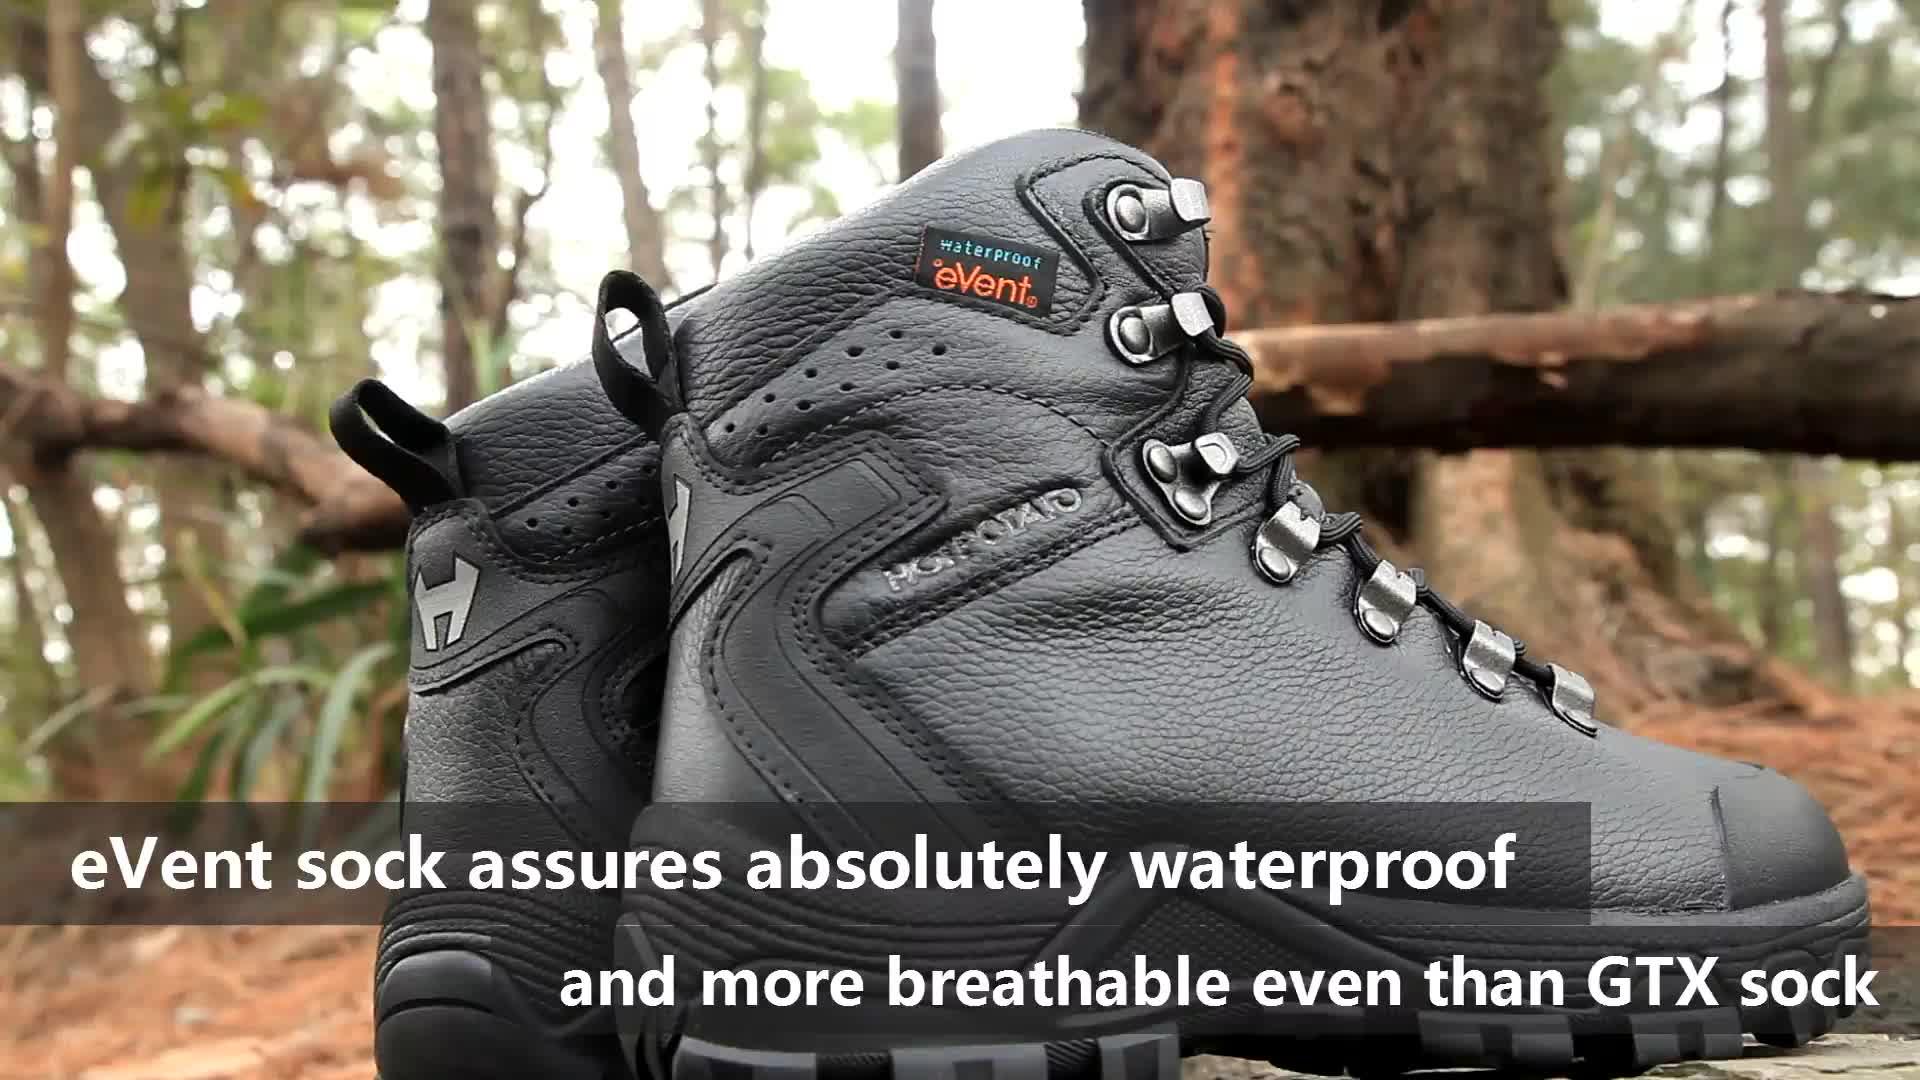 Pro evento isolado à prova d' água montanhismo bota de trekking botas lite unisex bronzeado